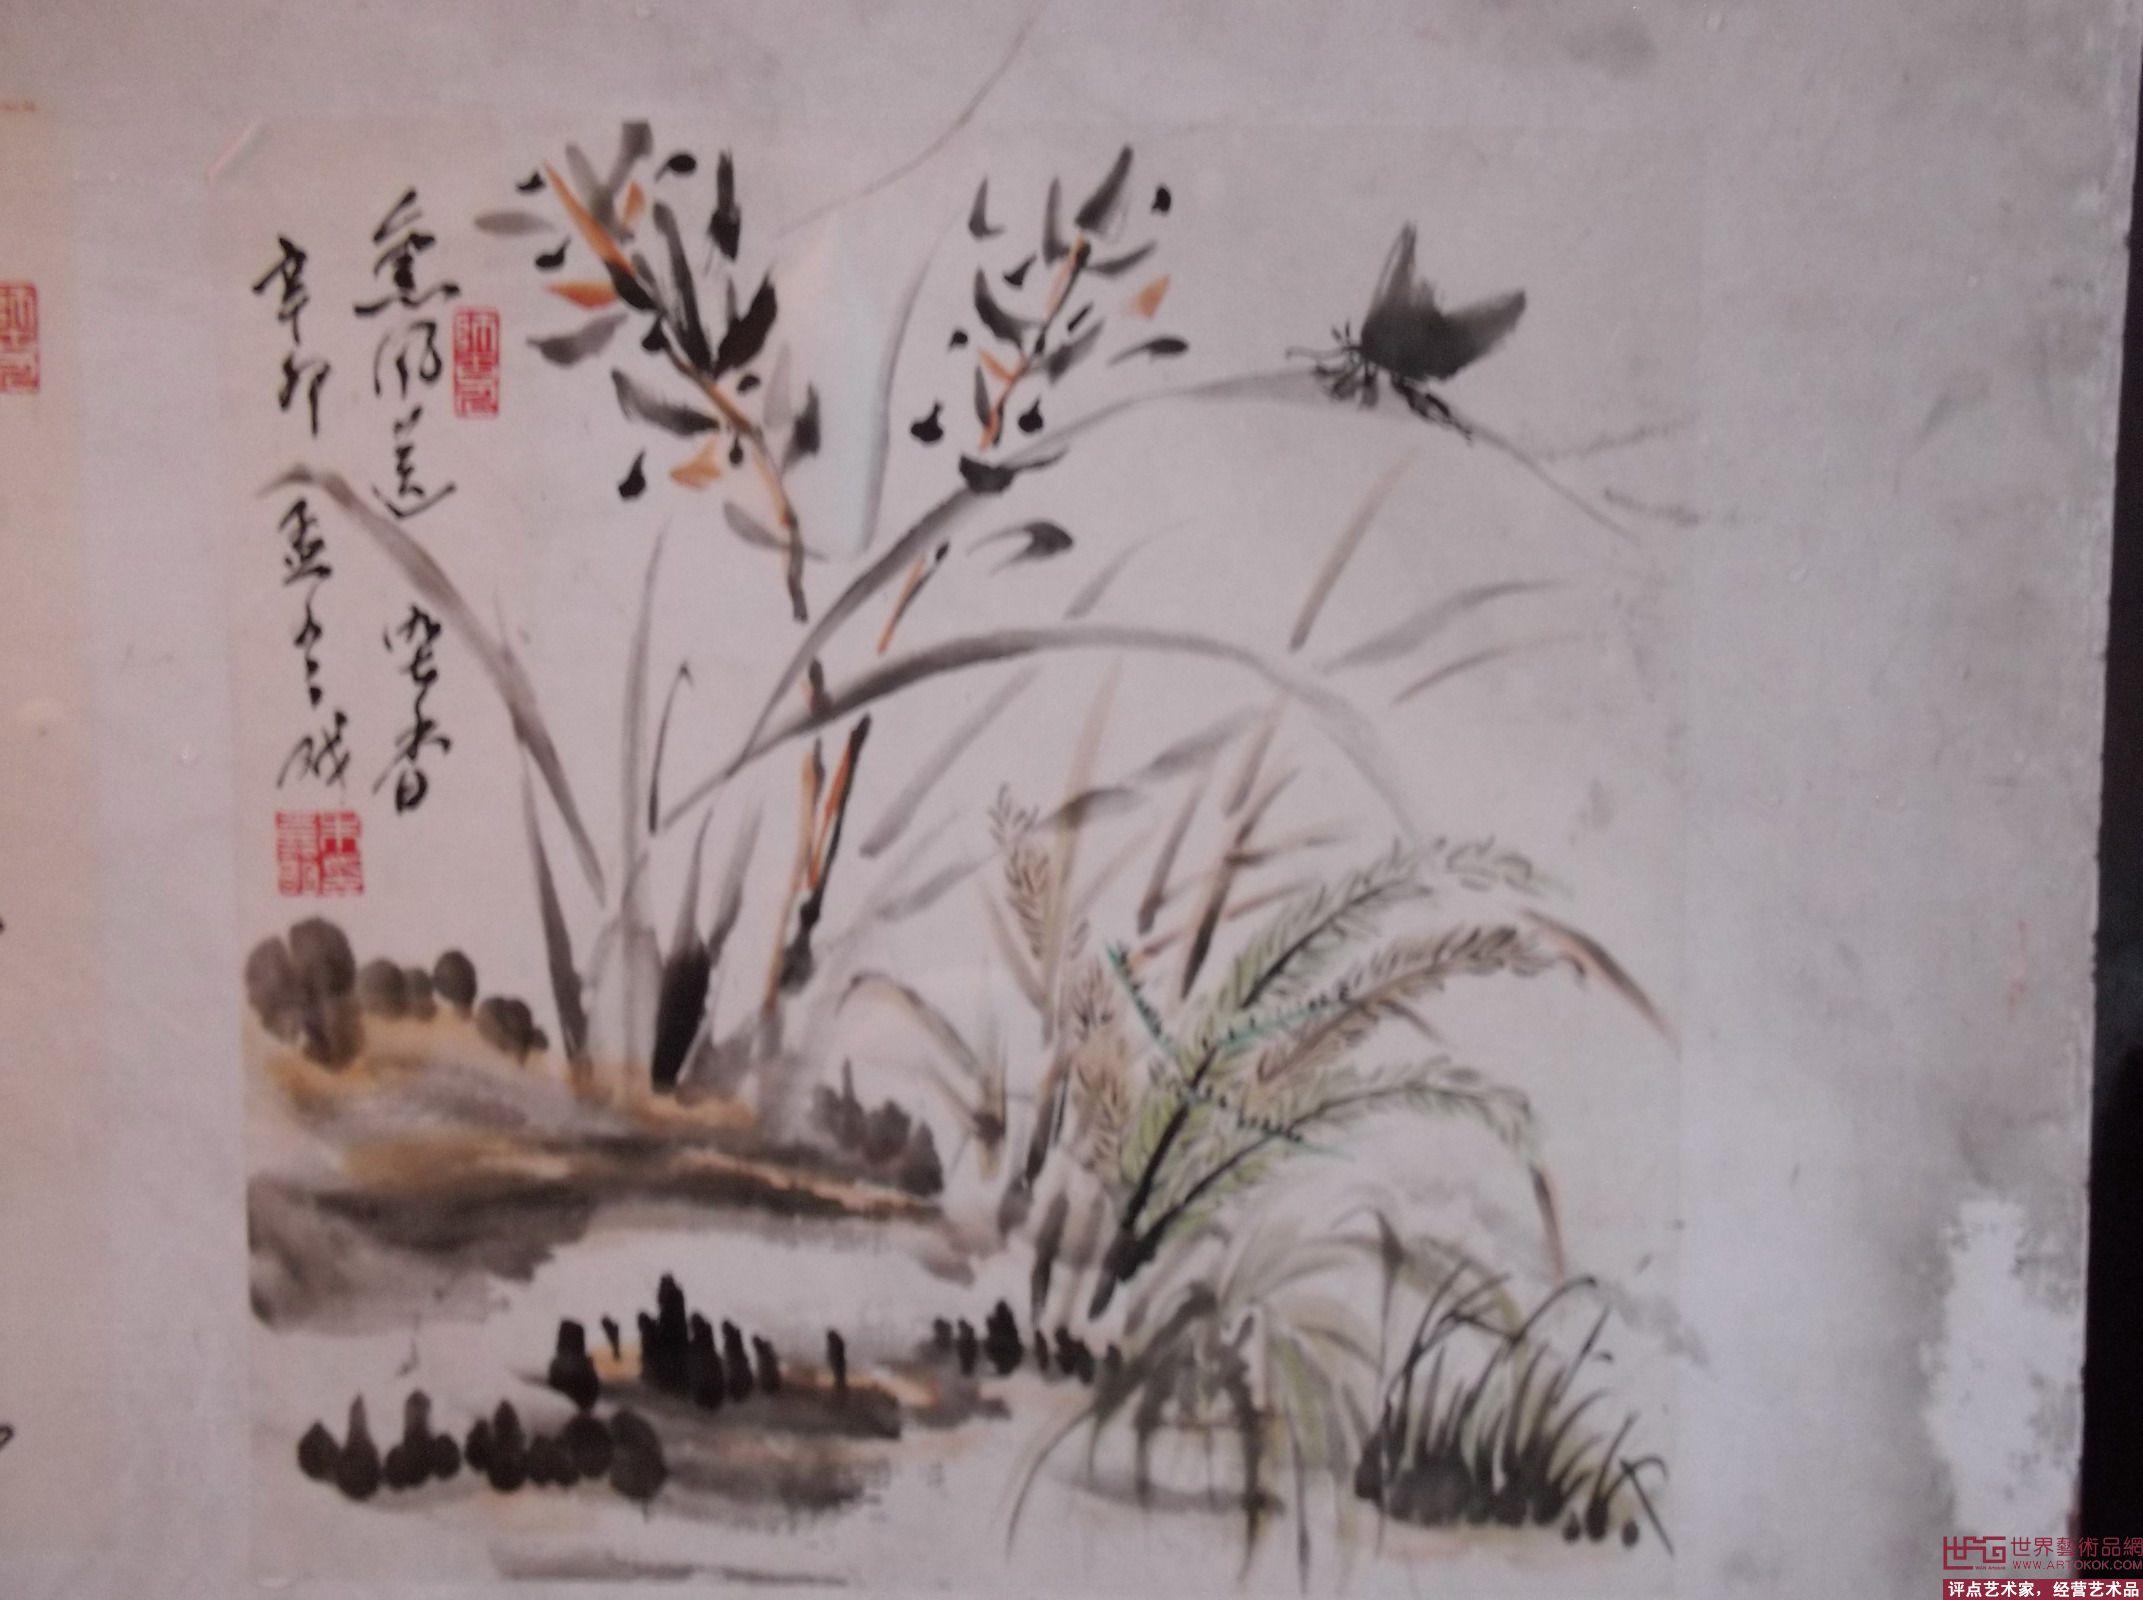 兰花-朱嘉明-淘宝-名人字画-中国书画交易中心